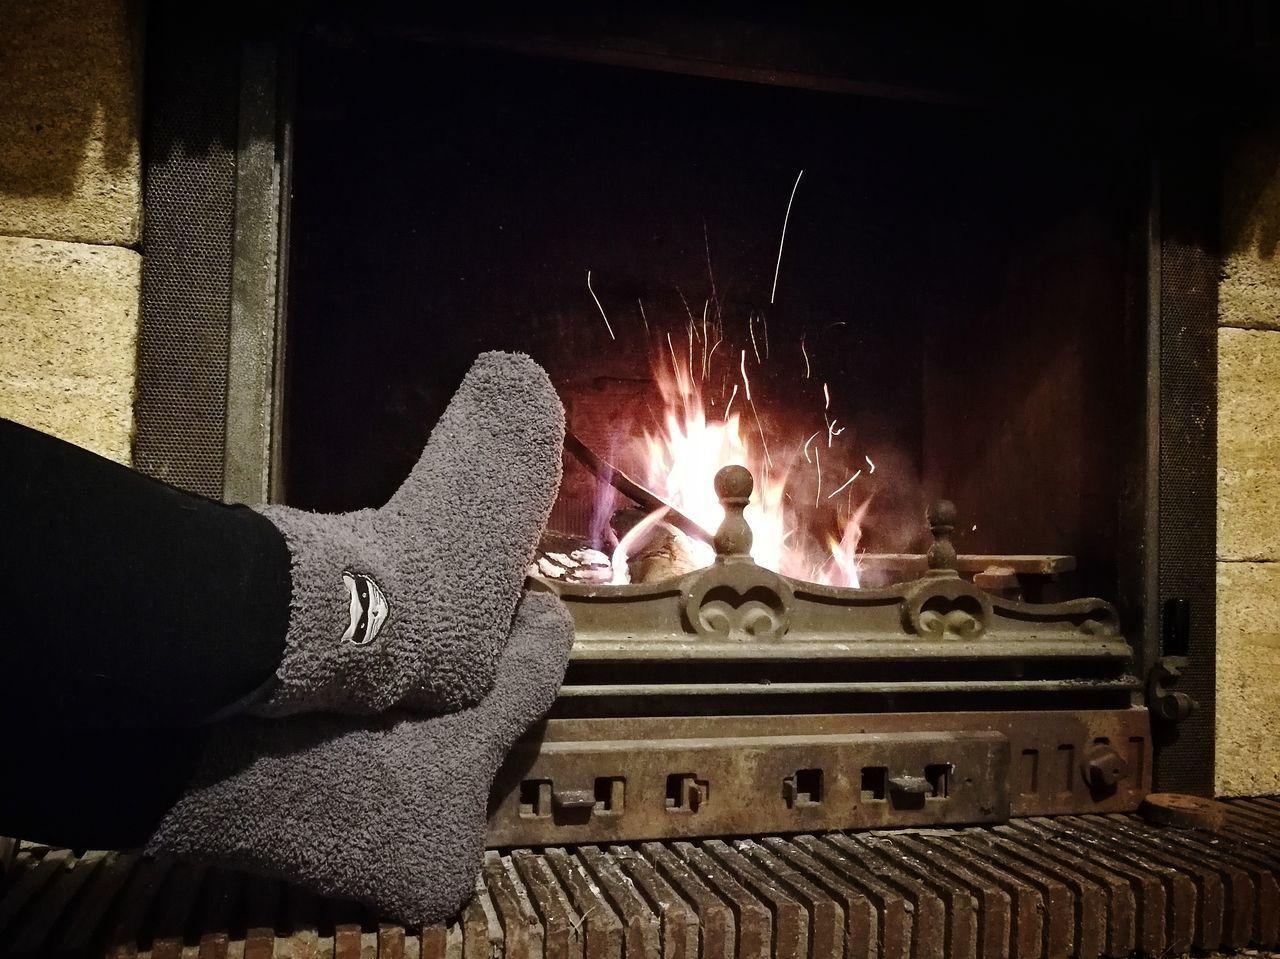 Les arpions près de l'âtre. TK Maxx Socksie Flame Human Body Part Heat - Temperature Indoors  Occupation Feet